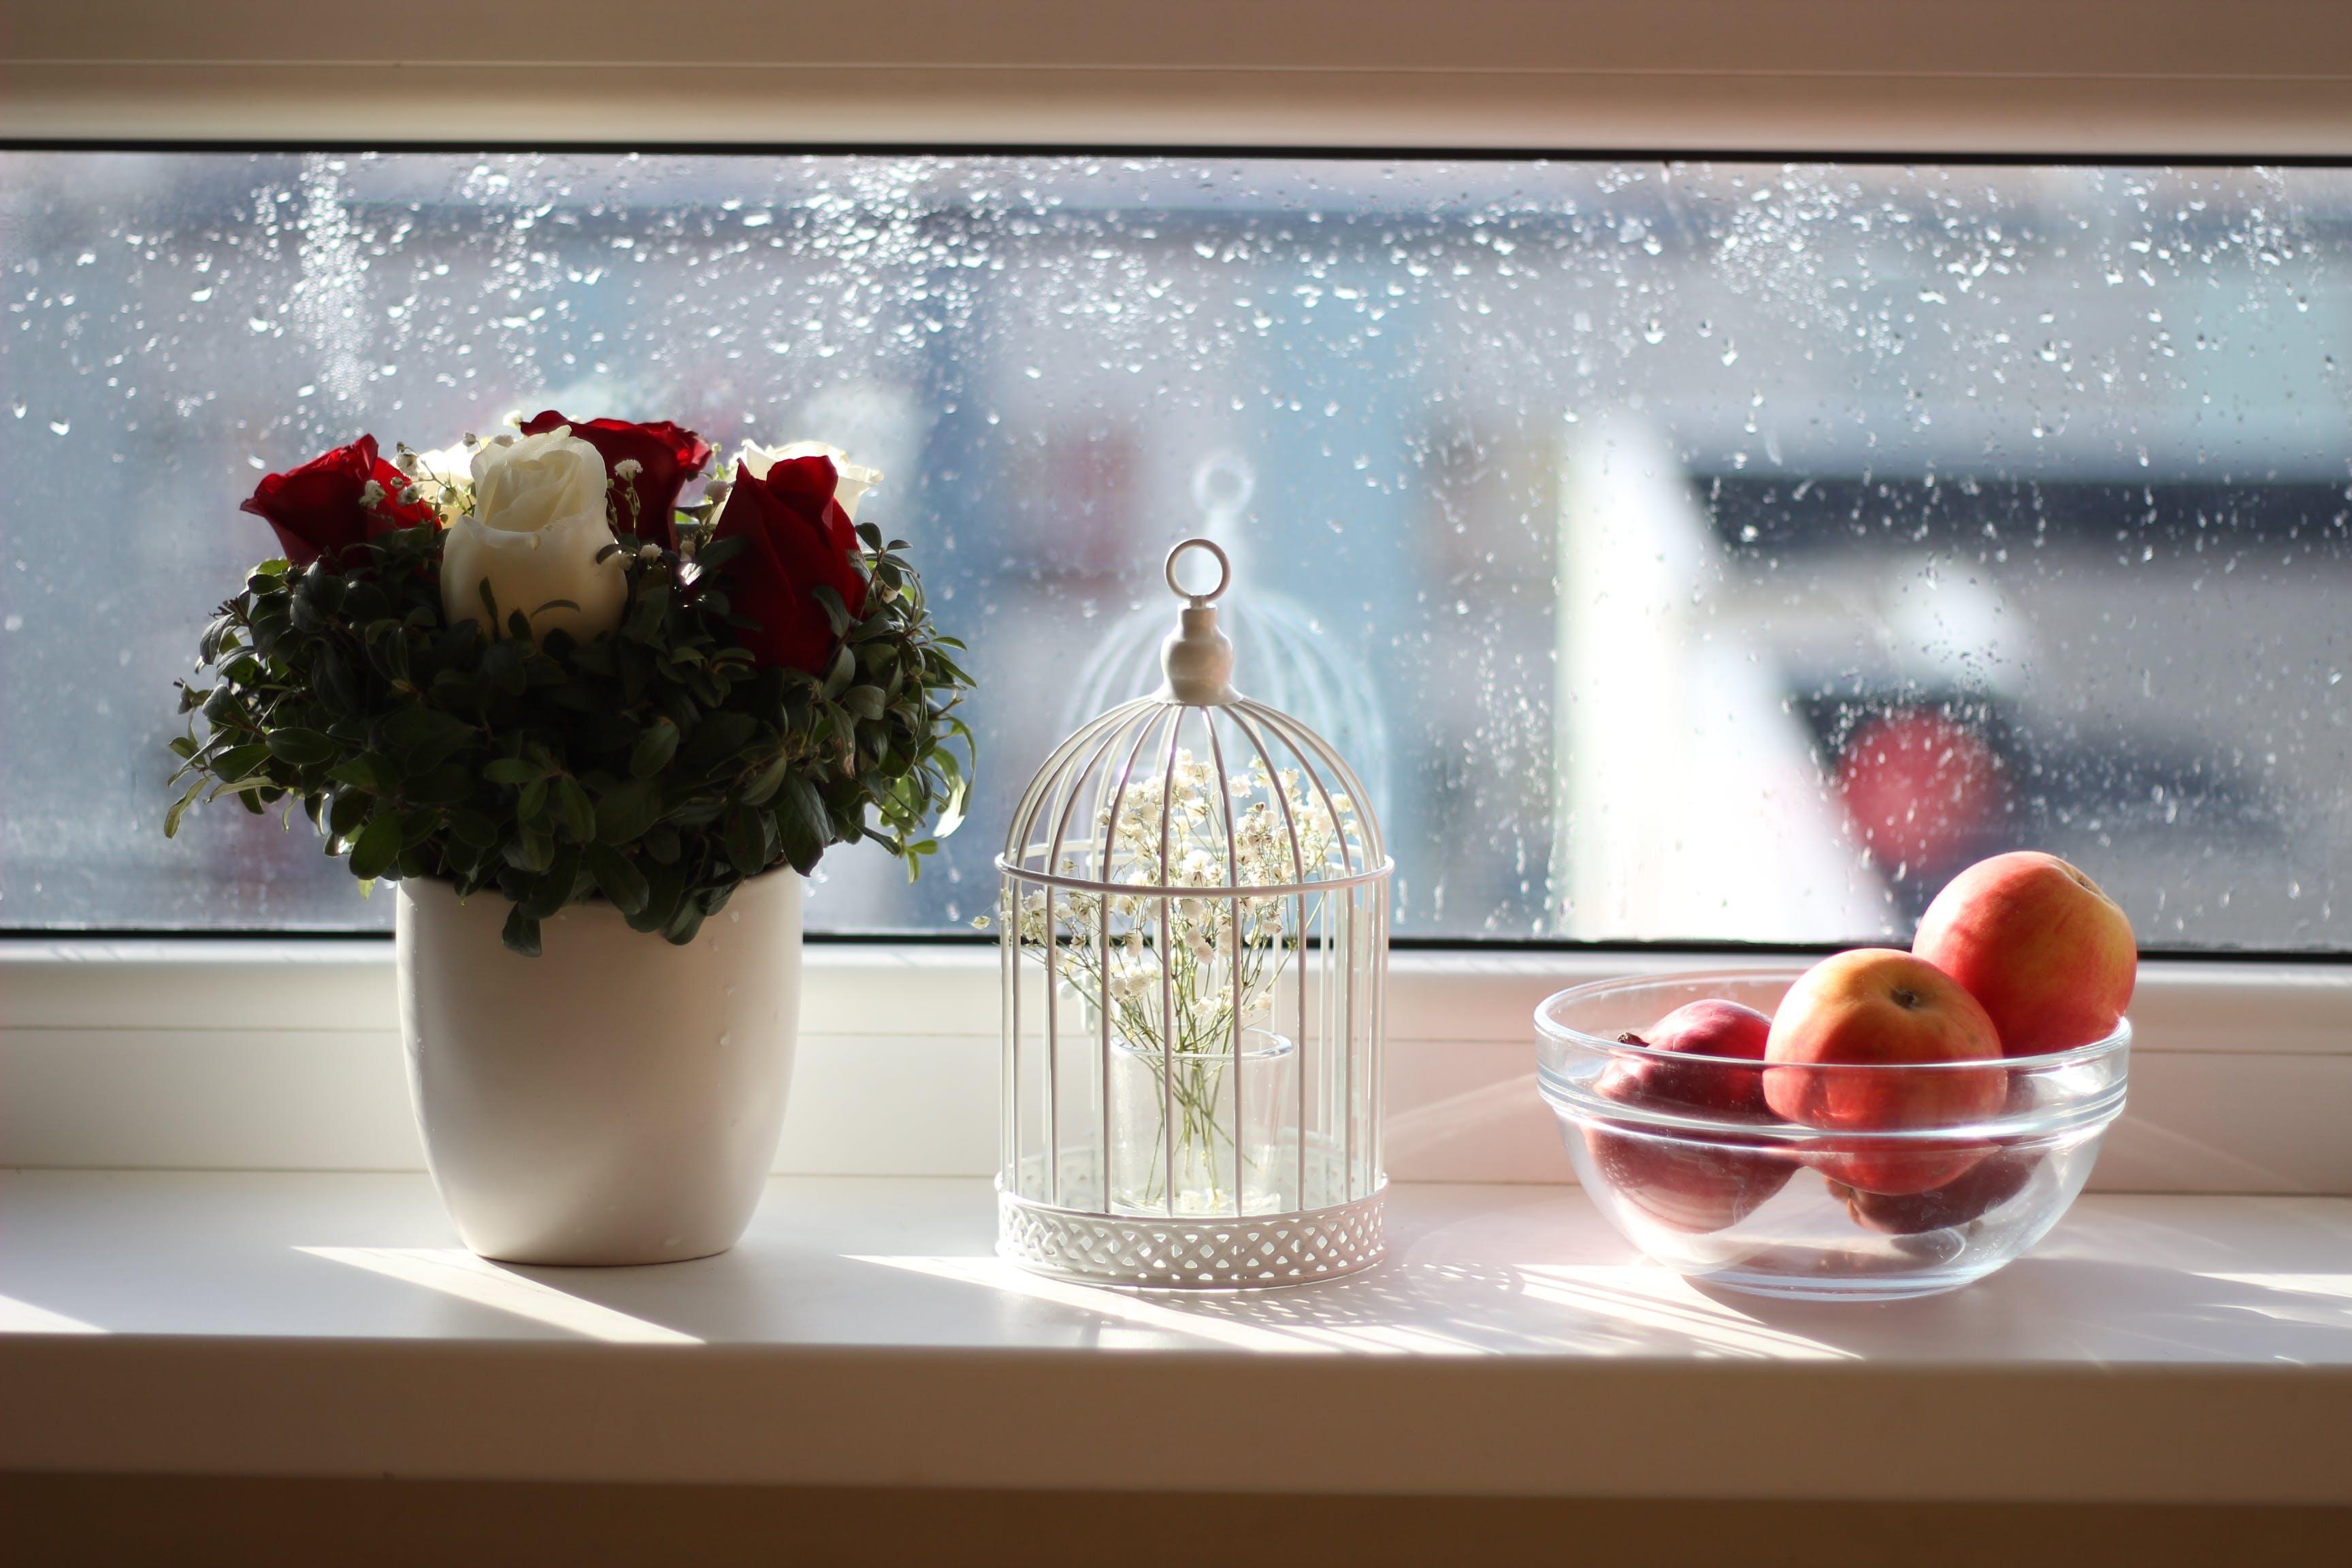 Kostenloses Stock Foto zu äpfel, blumen, dekor, dekoration